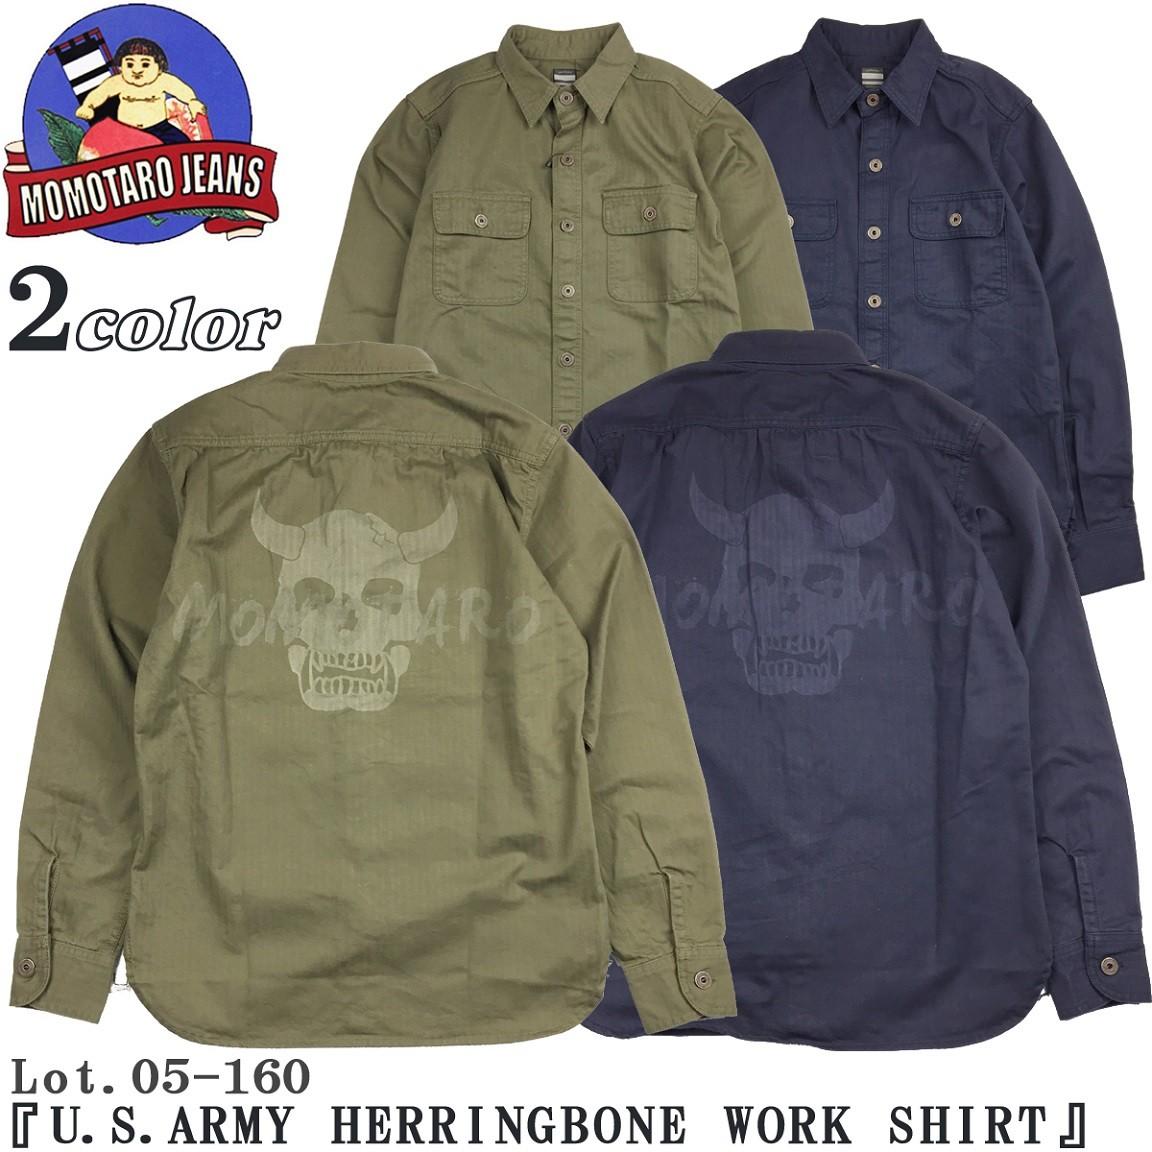 桃太郎ジーンズ 05-160 ワークシャツ 送料無料 画像1